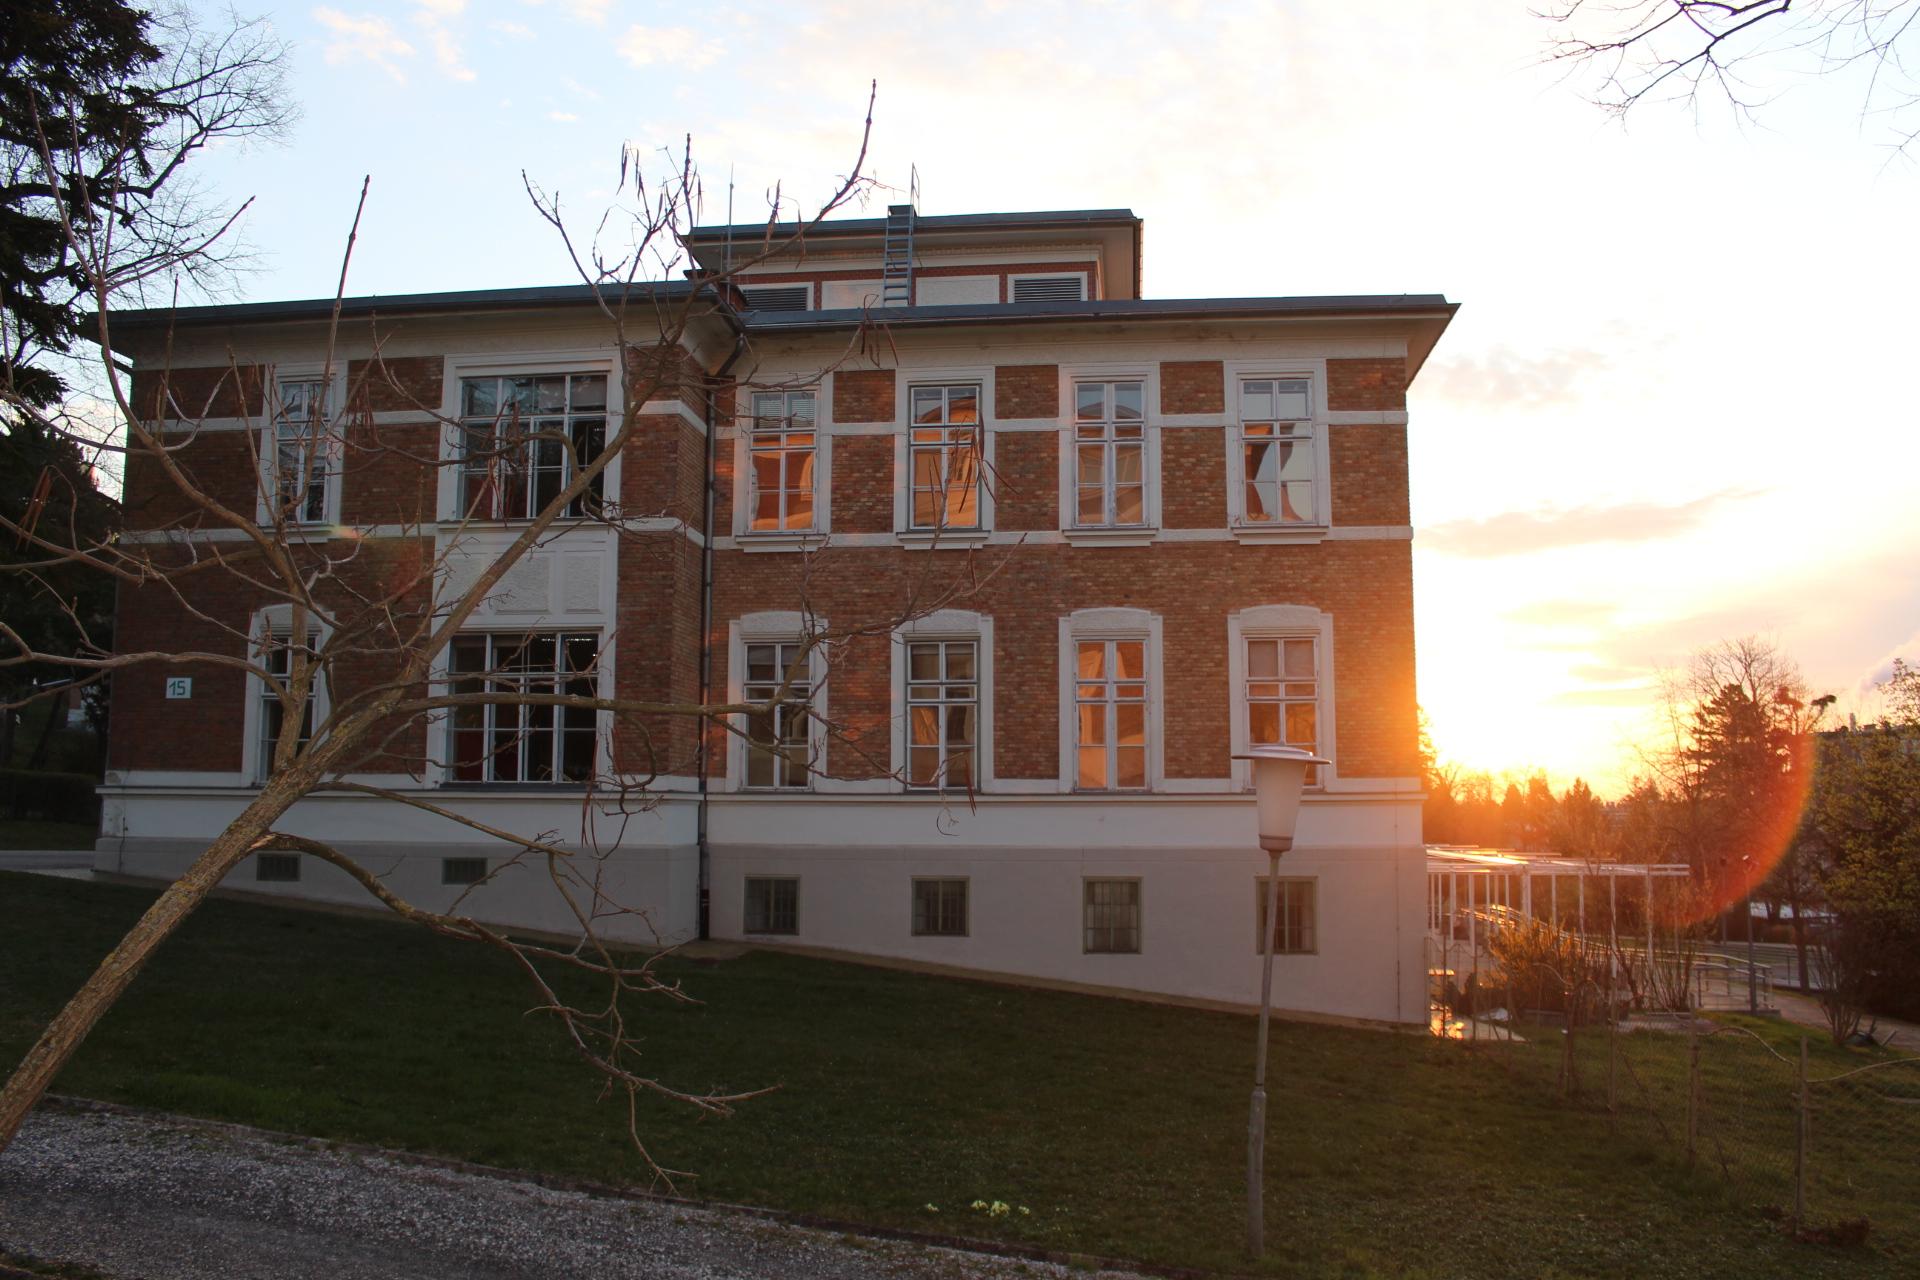 Eine wichtige Maßnahme am Otto-Wagner-Areal wäre die komplette Erneuerung der doppelflügeligen Kastenstockfenster, die zum Großteil in einem desolaten Zustand sind.  Fotocredit: © LANG consulting